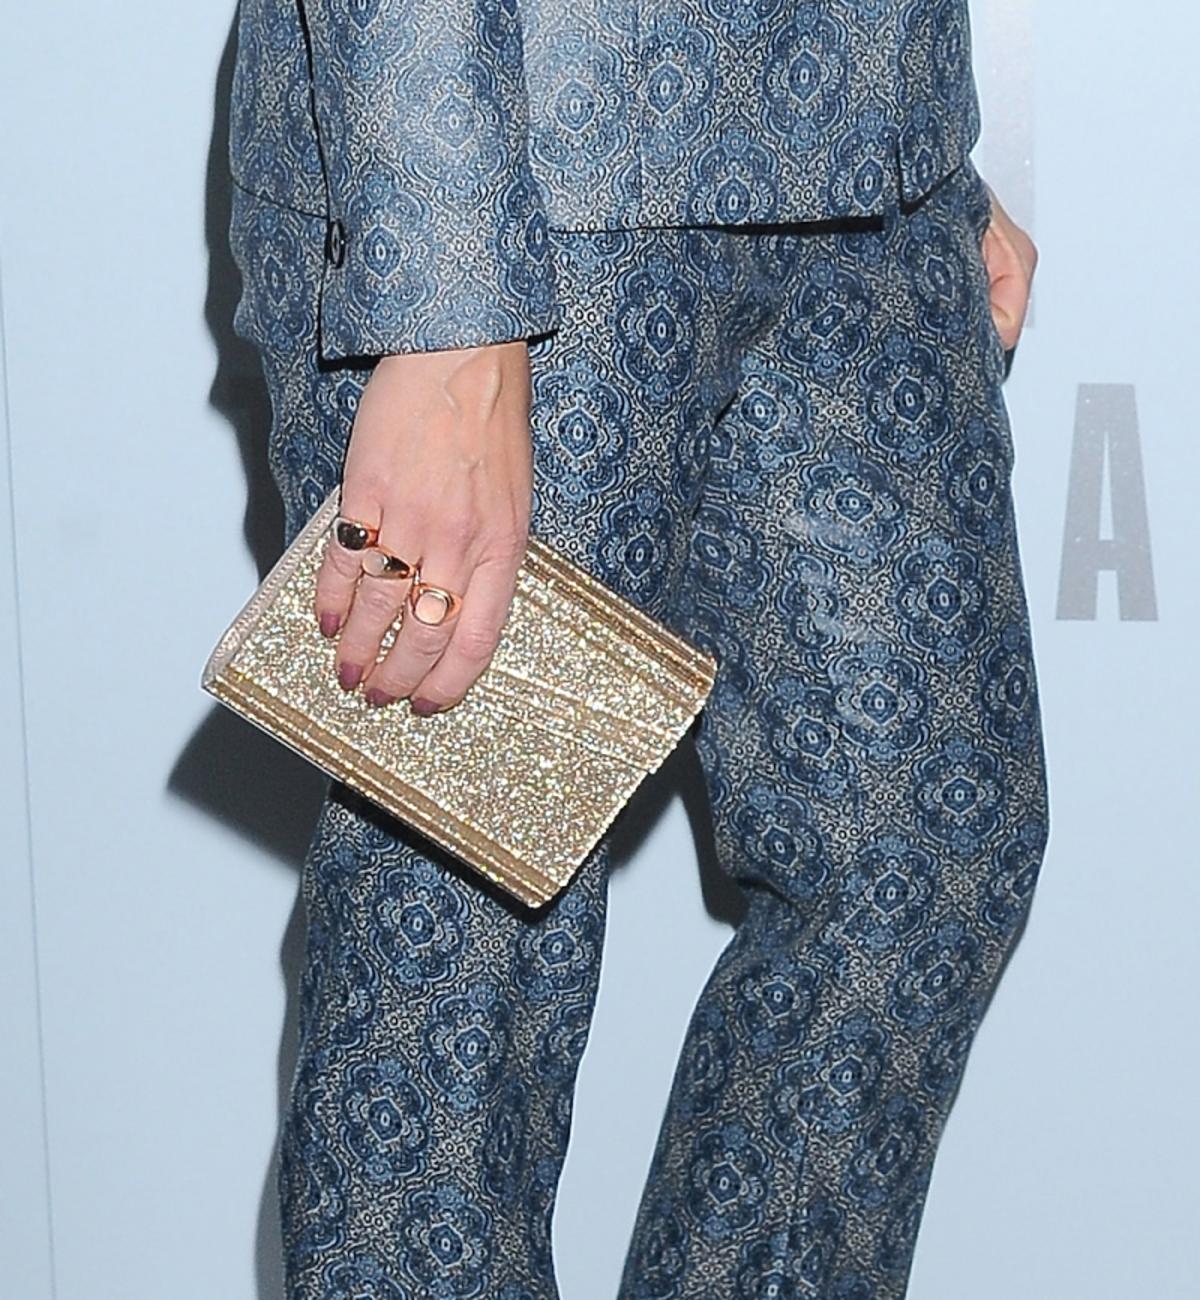 Kinga Rusin w niebieskim garniturze w printy, ze złotą małą torebką